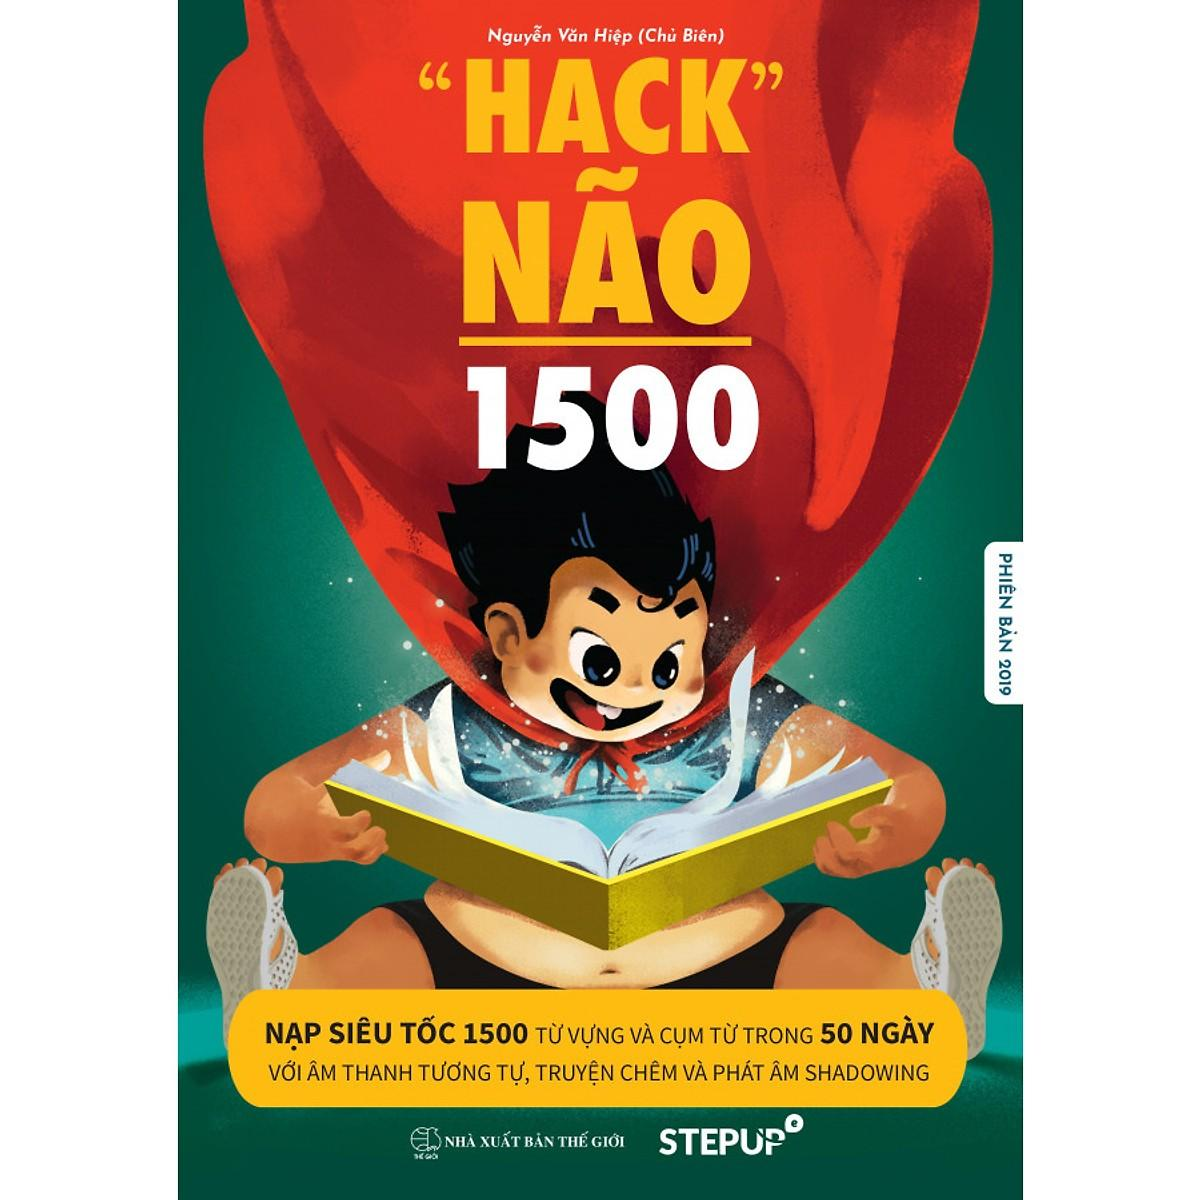 [ BẢN CHUẨN ĐẸP RÕ NÉT 2019 ] - Hack Não 1500 Từ Tiếng Anh - Bìa Màu, trong trắng đen - Tặng kèm link audio Nhật Bản